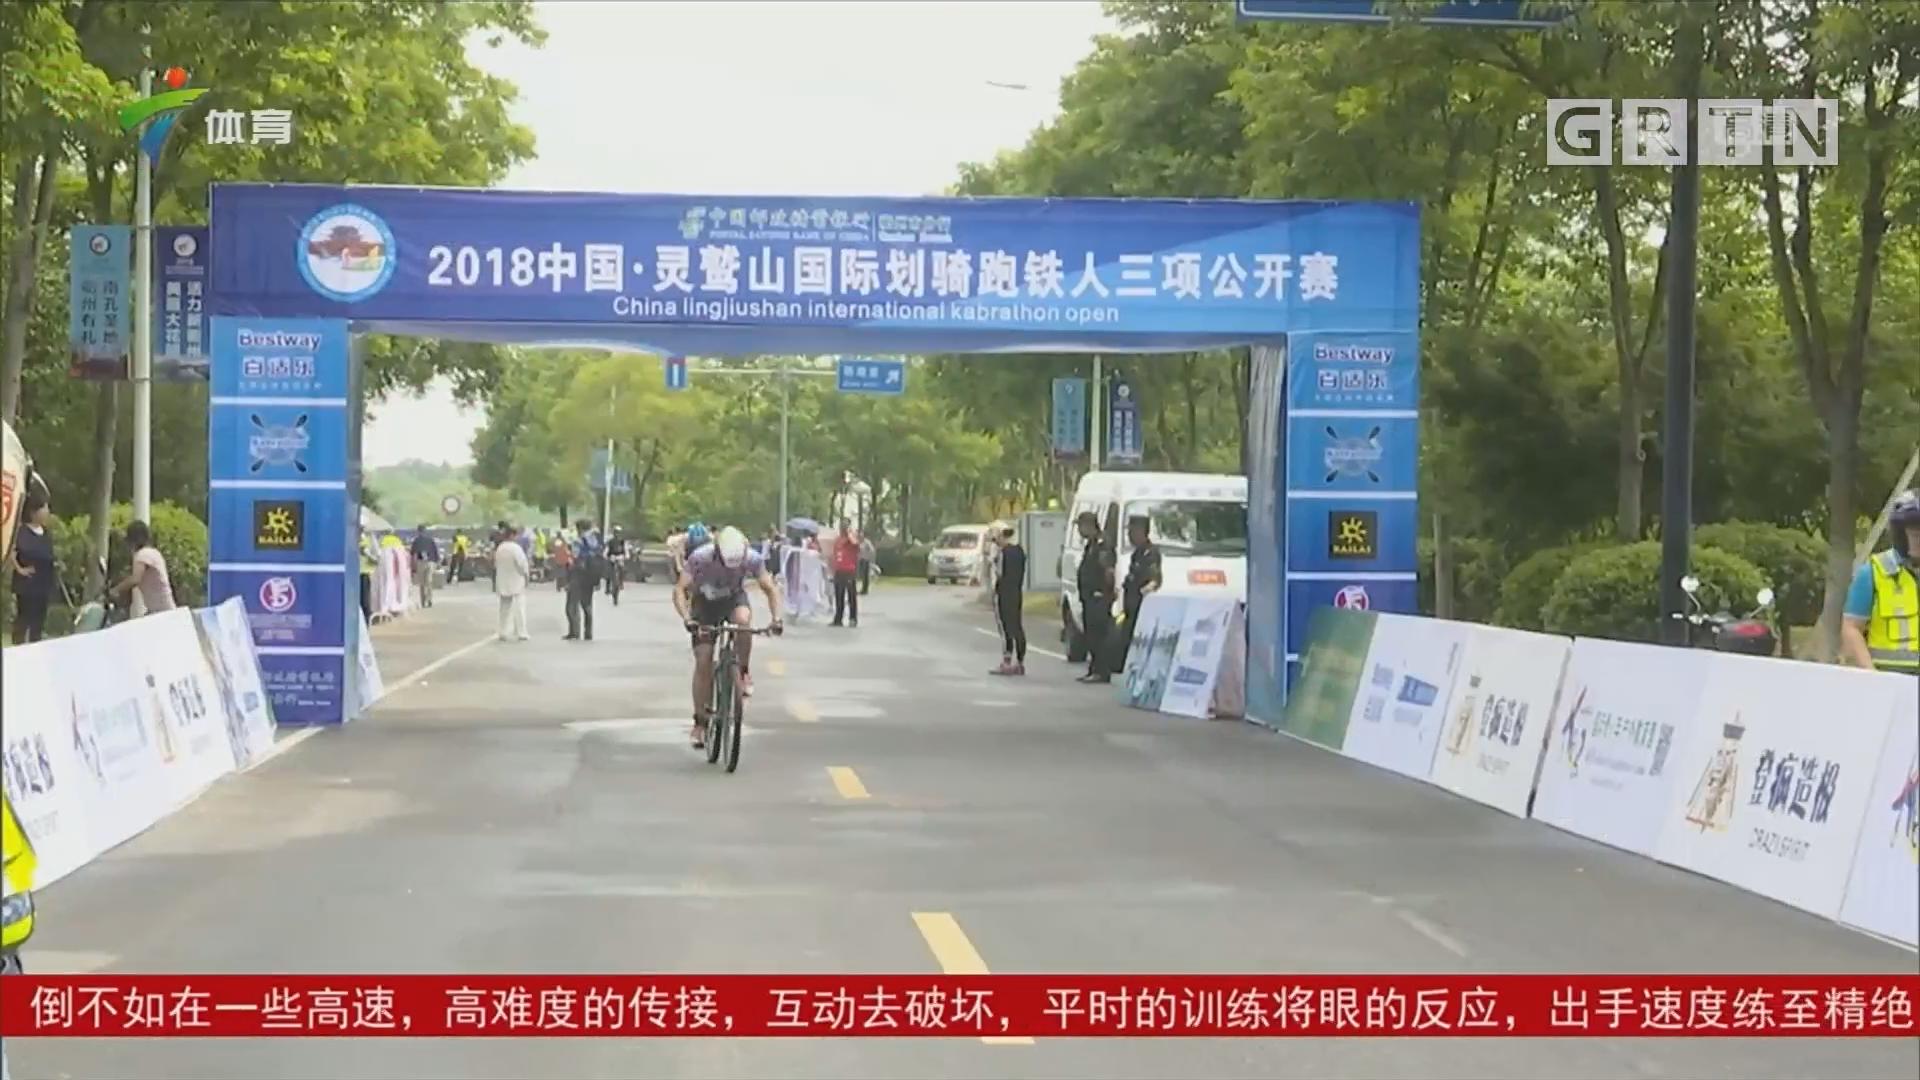 游走美景中 灵鹫山国际划骑跑铁人三项公开赛收官